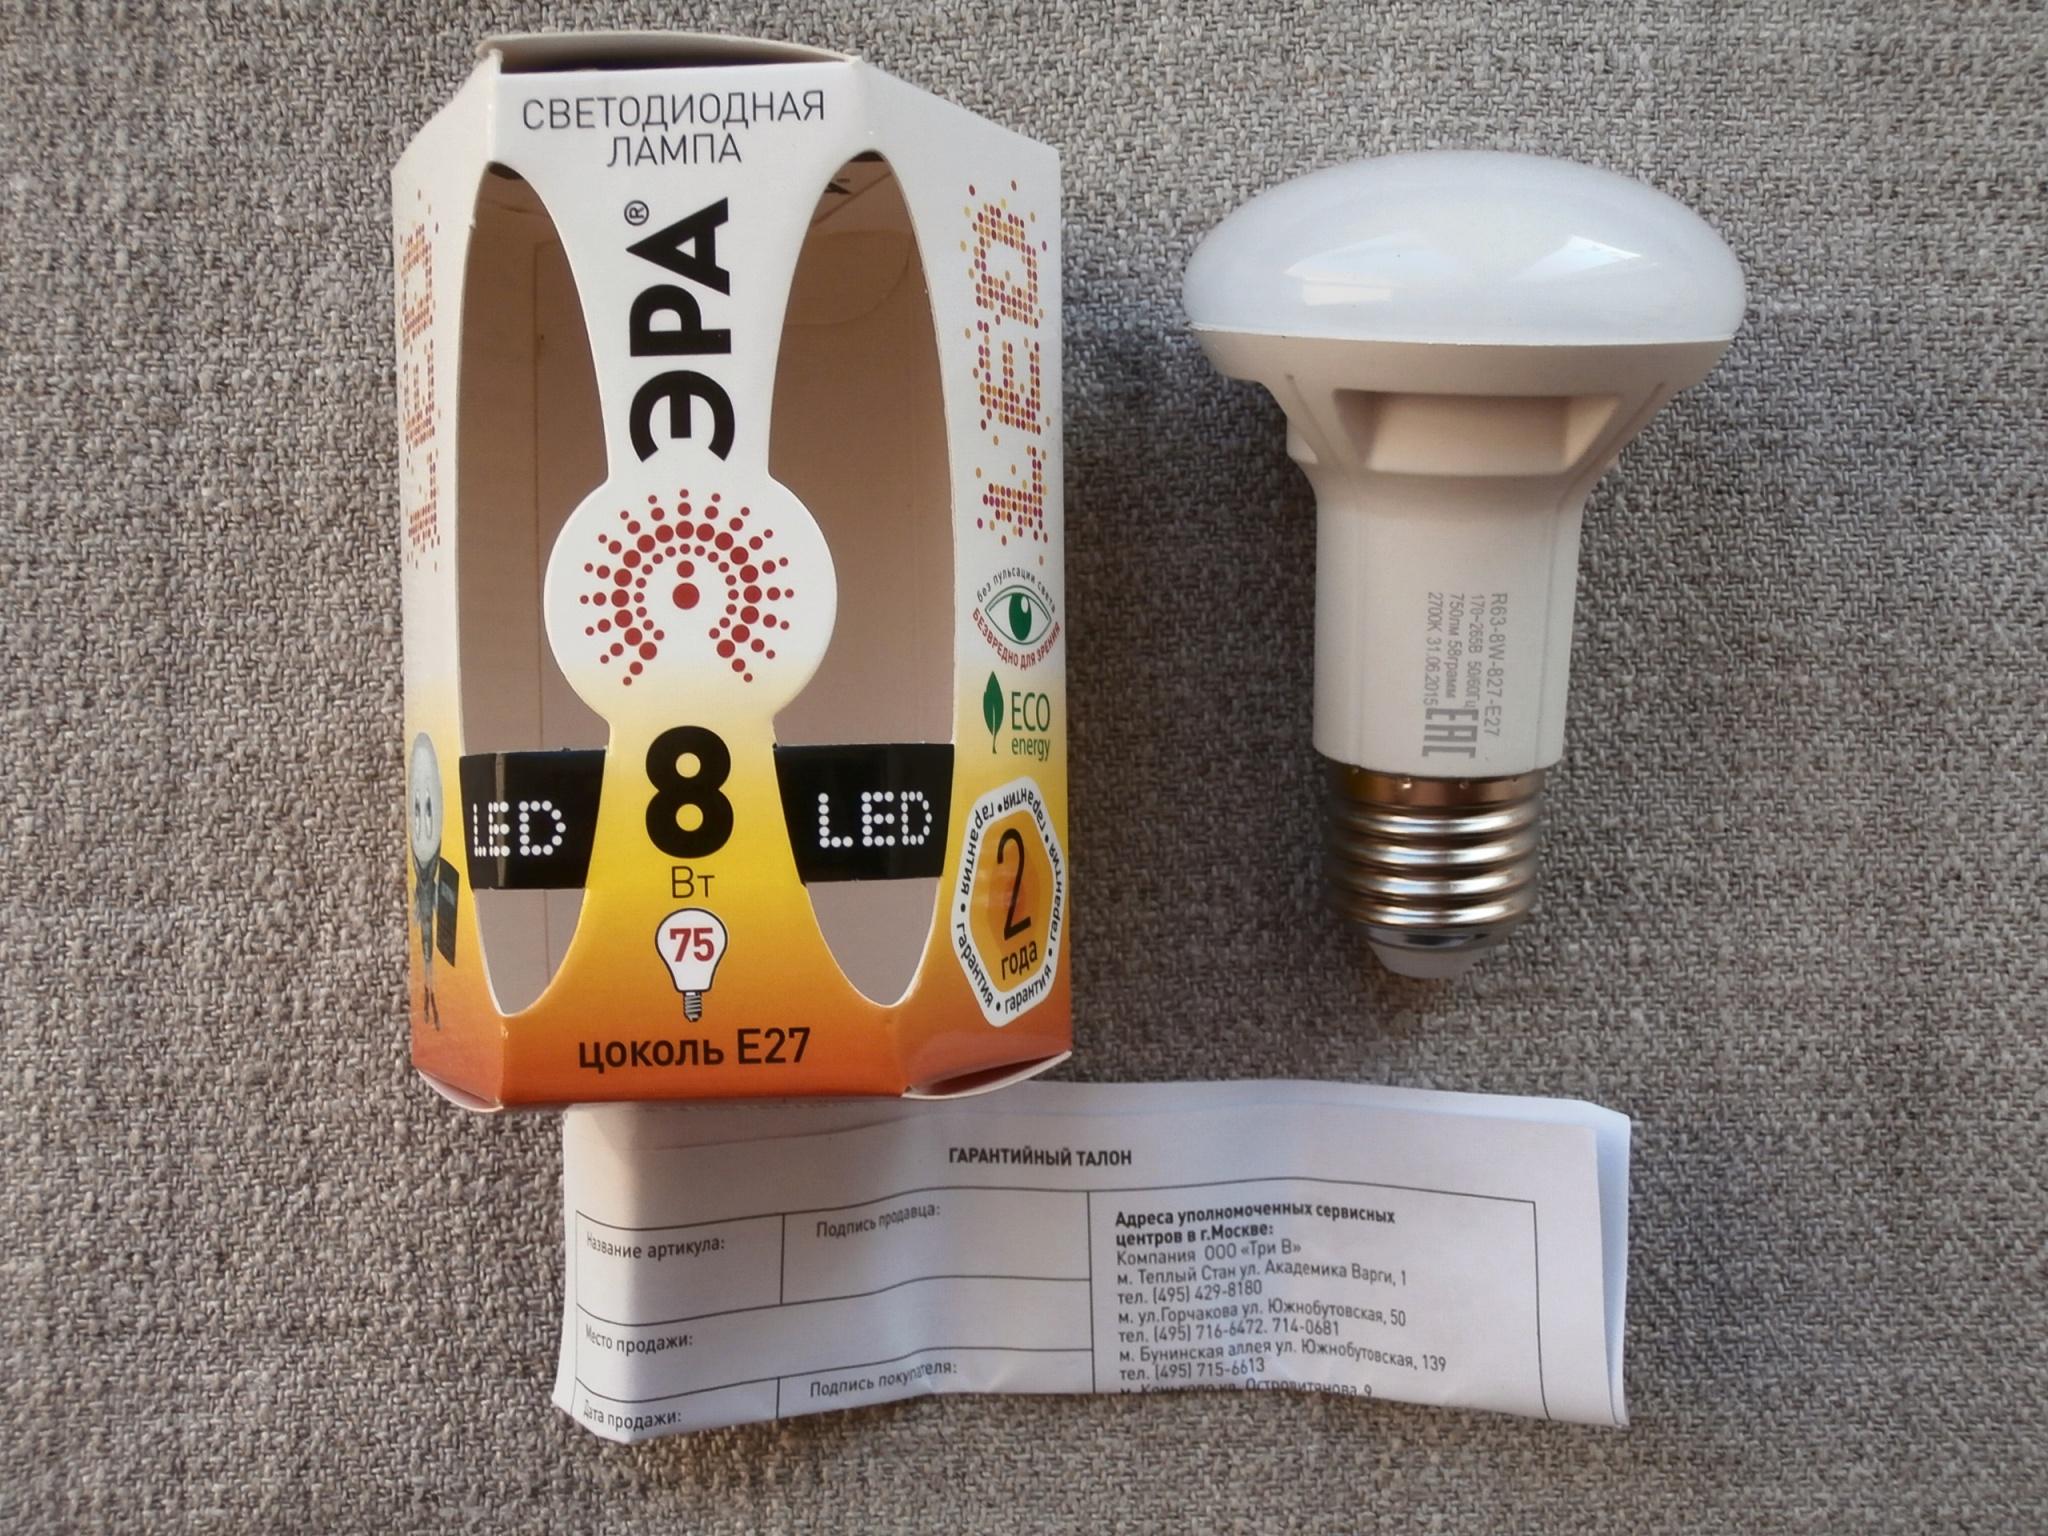 Рейтинг производителей светодиодных ламп 2020 года.